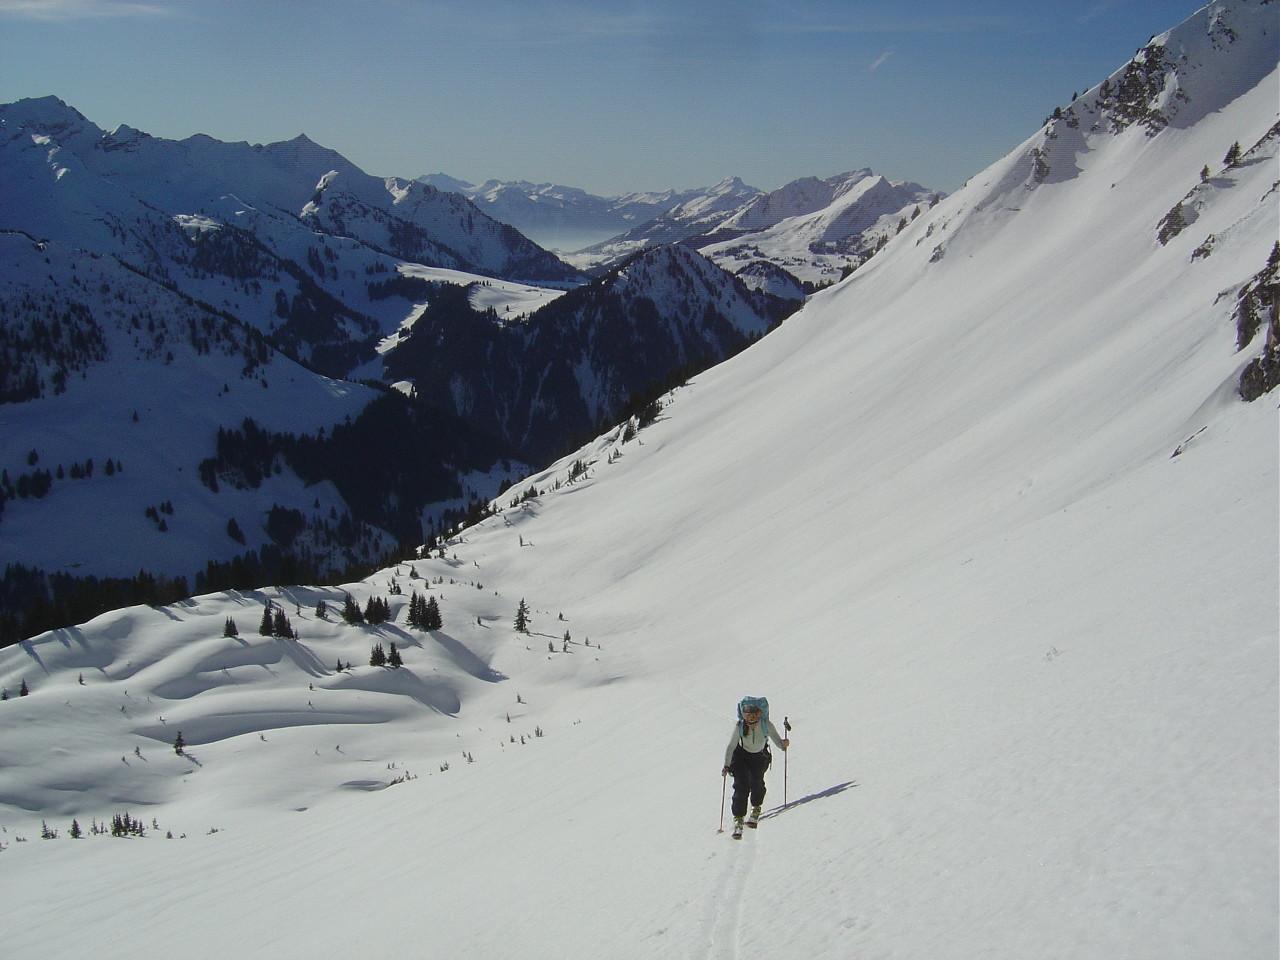 Au bas de la face, Pic Chaussy à gauche, Mont d'Or à droite, col des Mosses entre deux